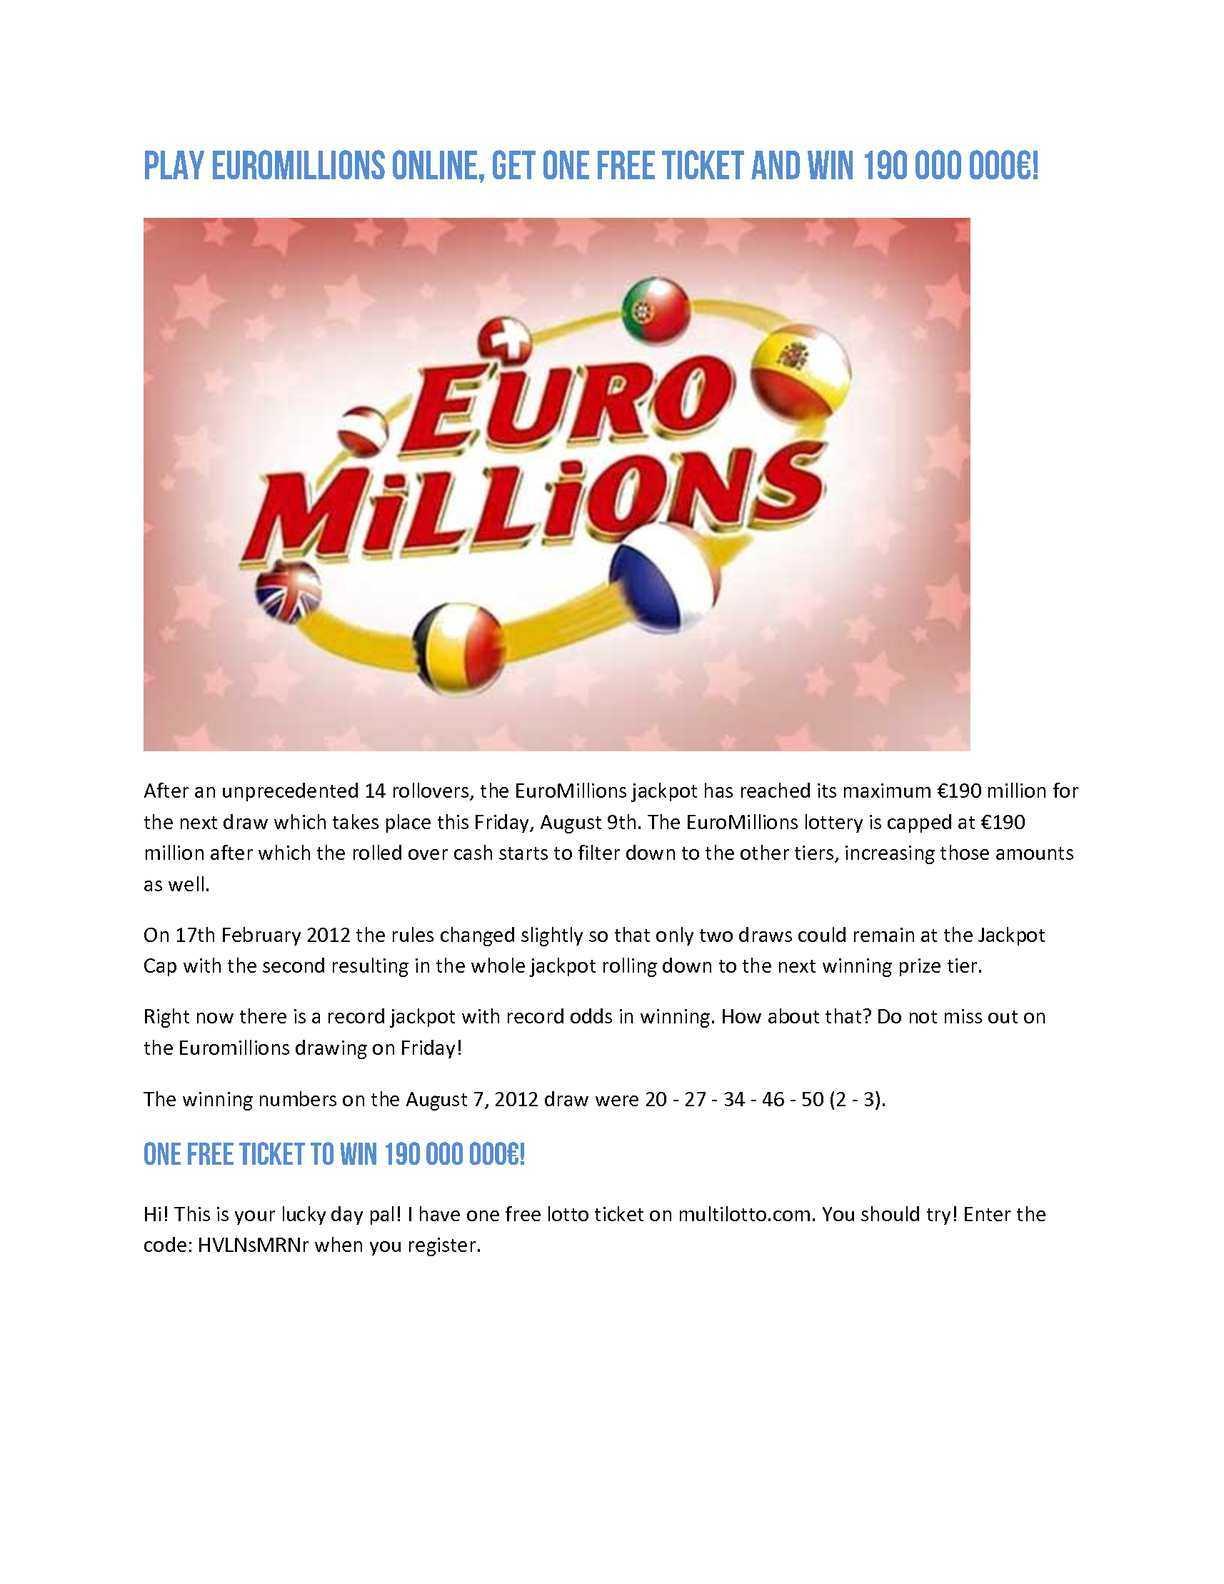 مليون يورو | أكبر يانصيب رسمي في أوروبا